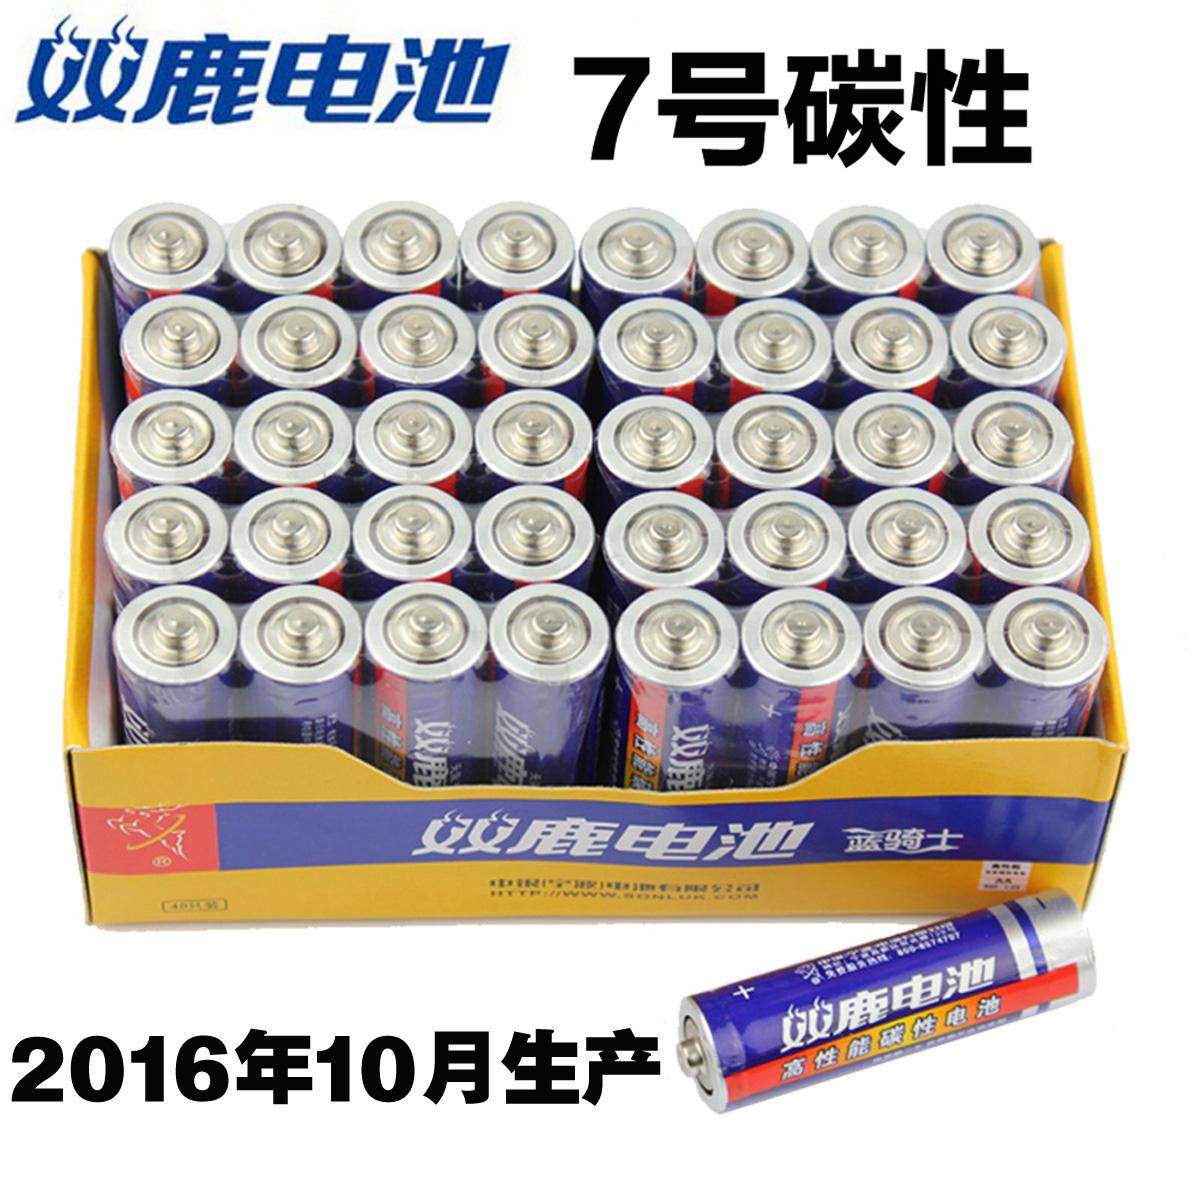 雙鹿7號碳性幹電池40節價普通 兒童玩具 鍾表用 遙控器多省包郵